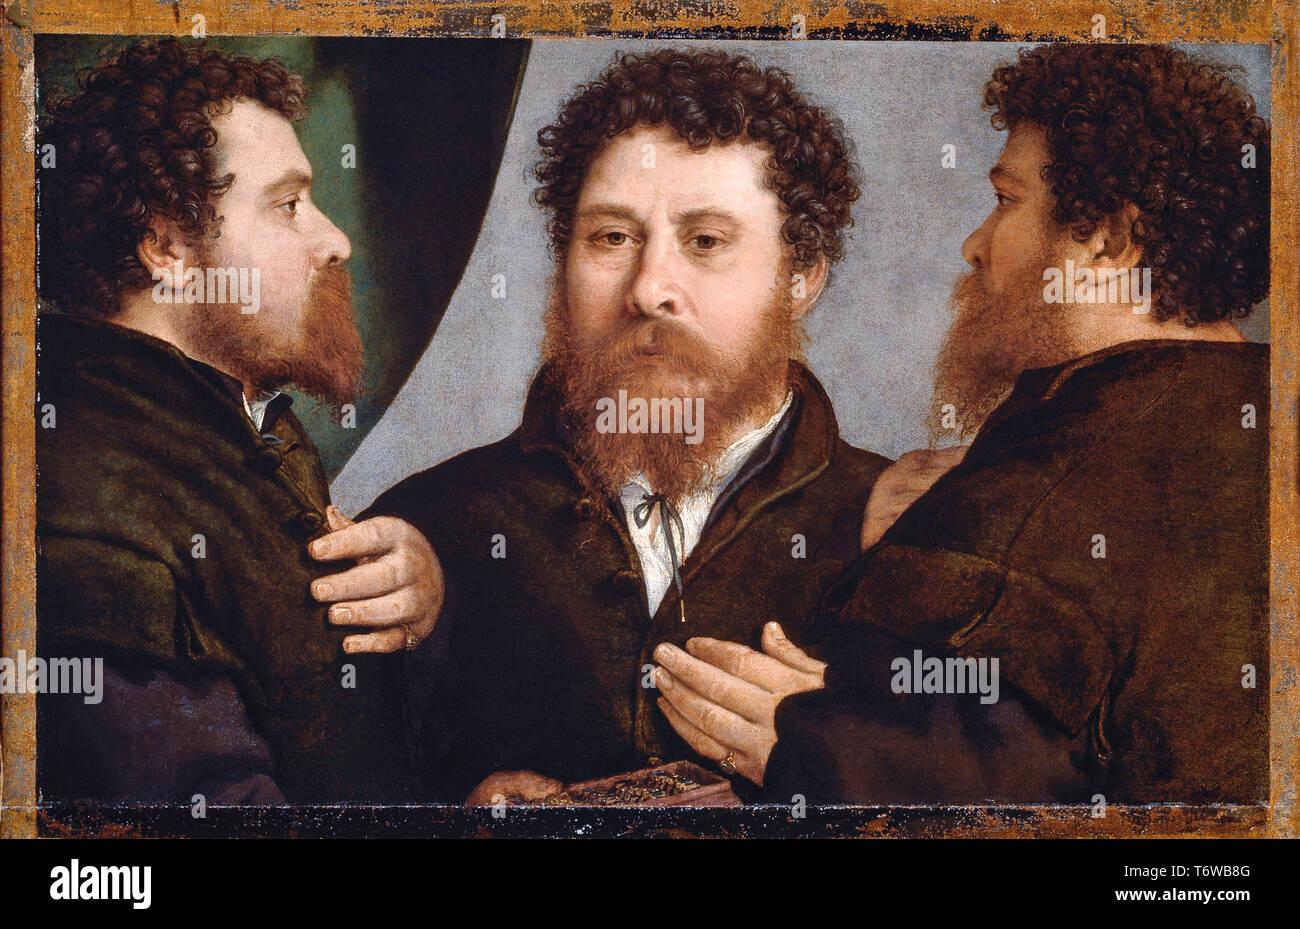 Lorenzo Lotto - Triplice Ritratto di orefice - Triple portrait of a goldsmith ( Bartolomeo Carpan ? ) - 1530 - Stock Image